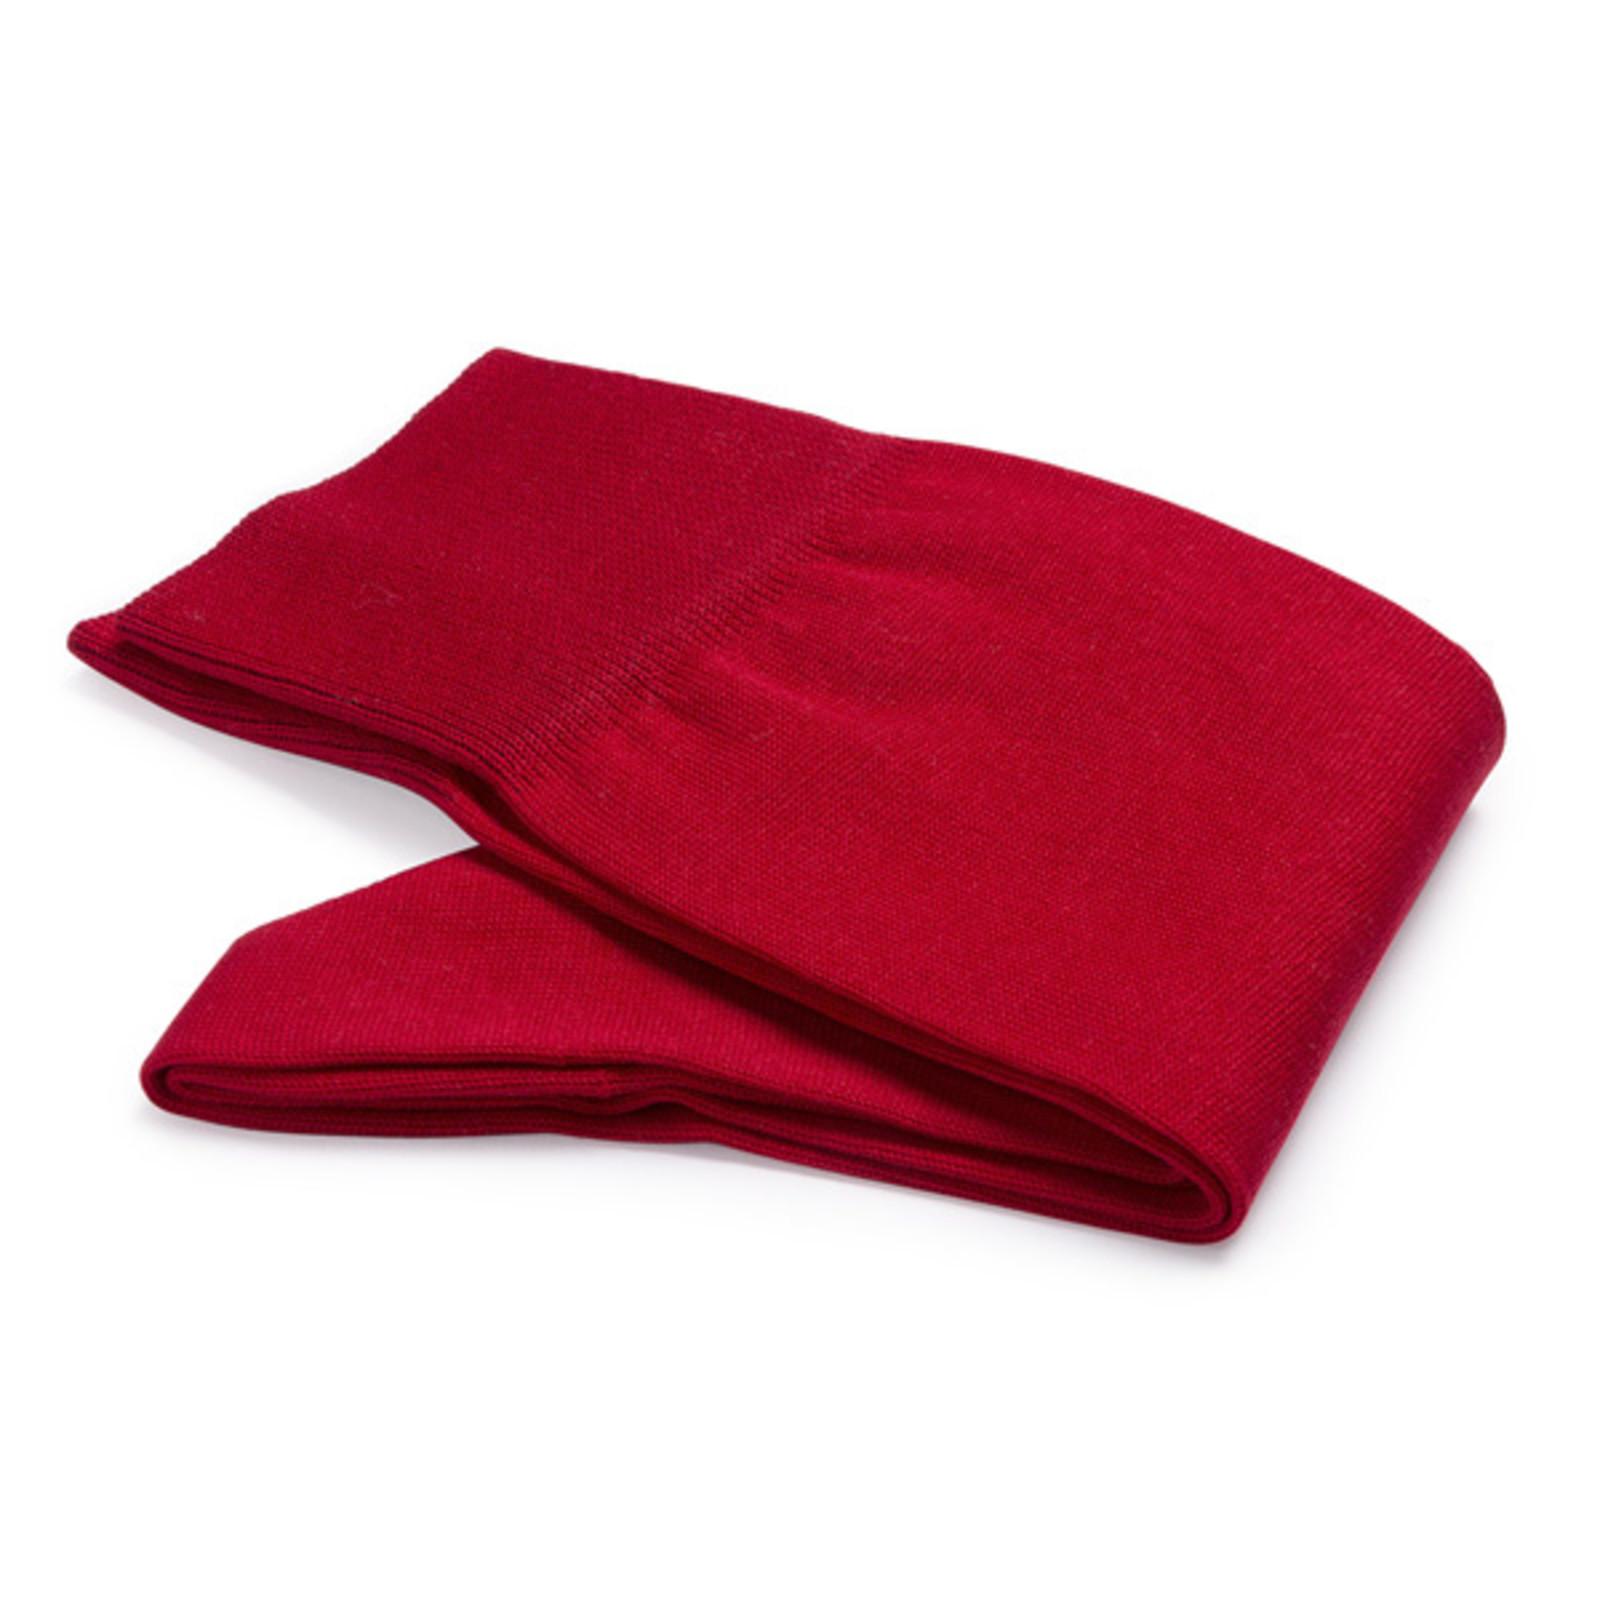 Carlo Lanza Red socks